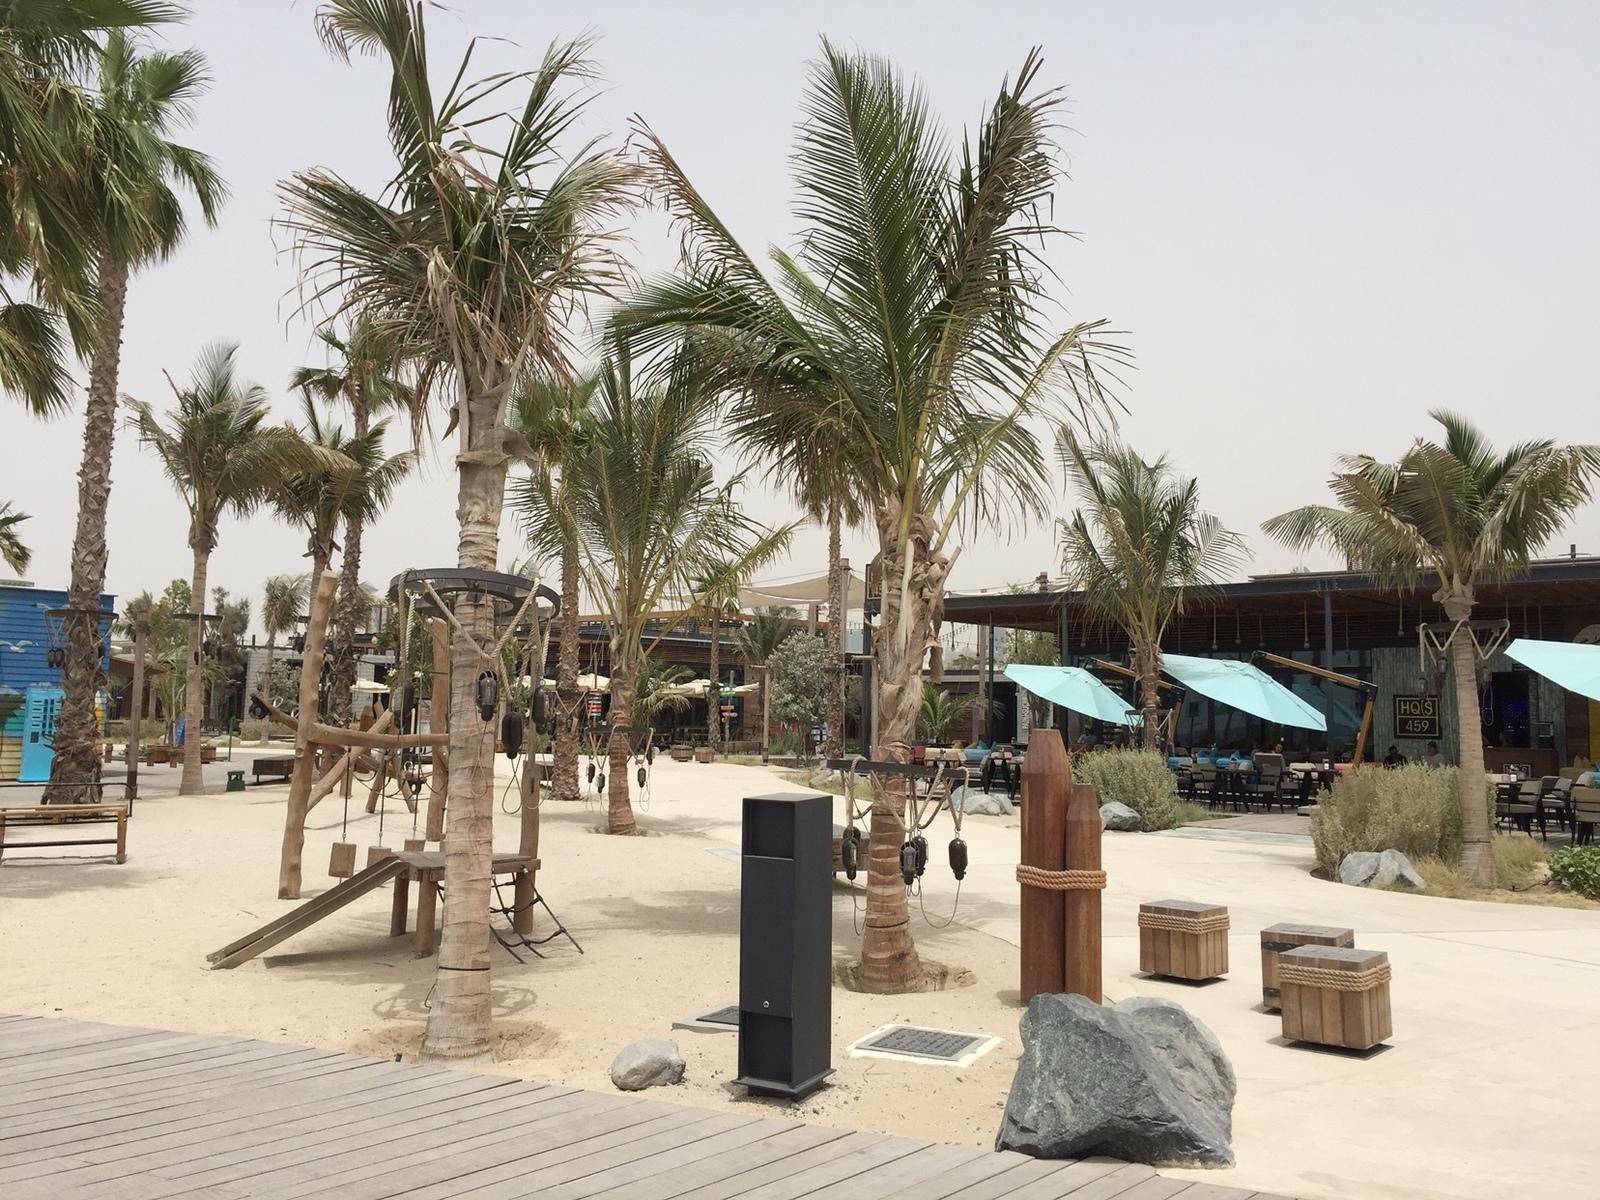 661610 المسافرون العرب دبي مدينة الجميرا